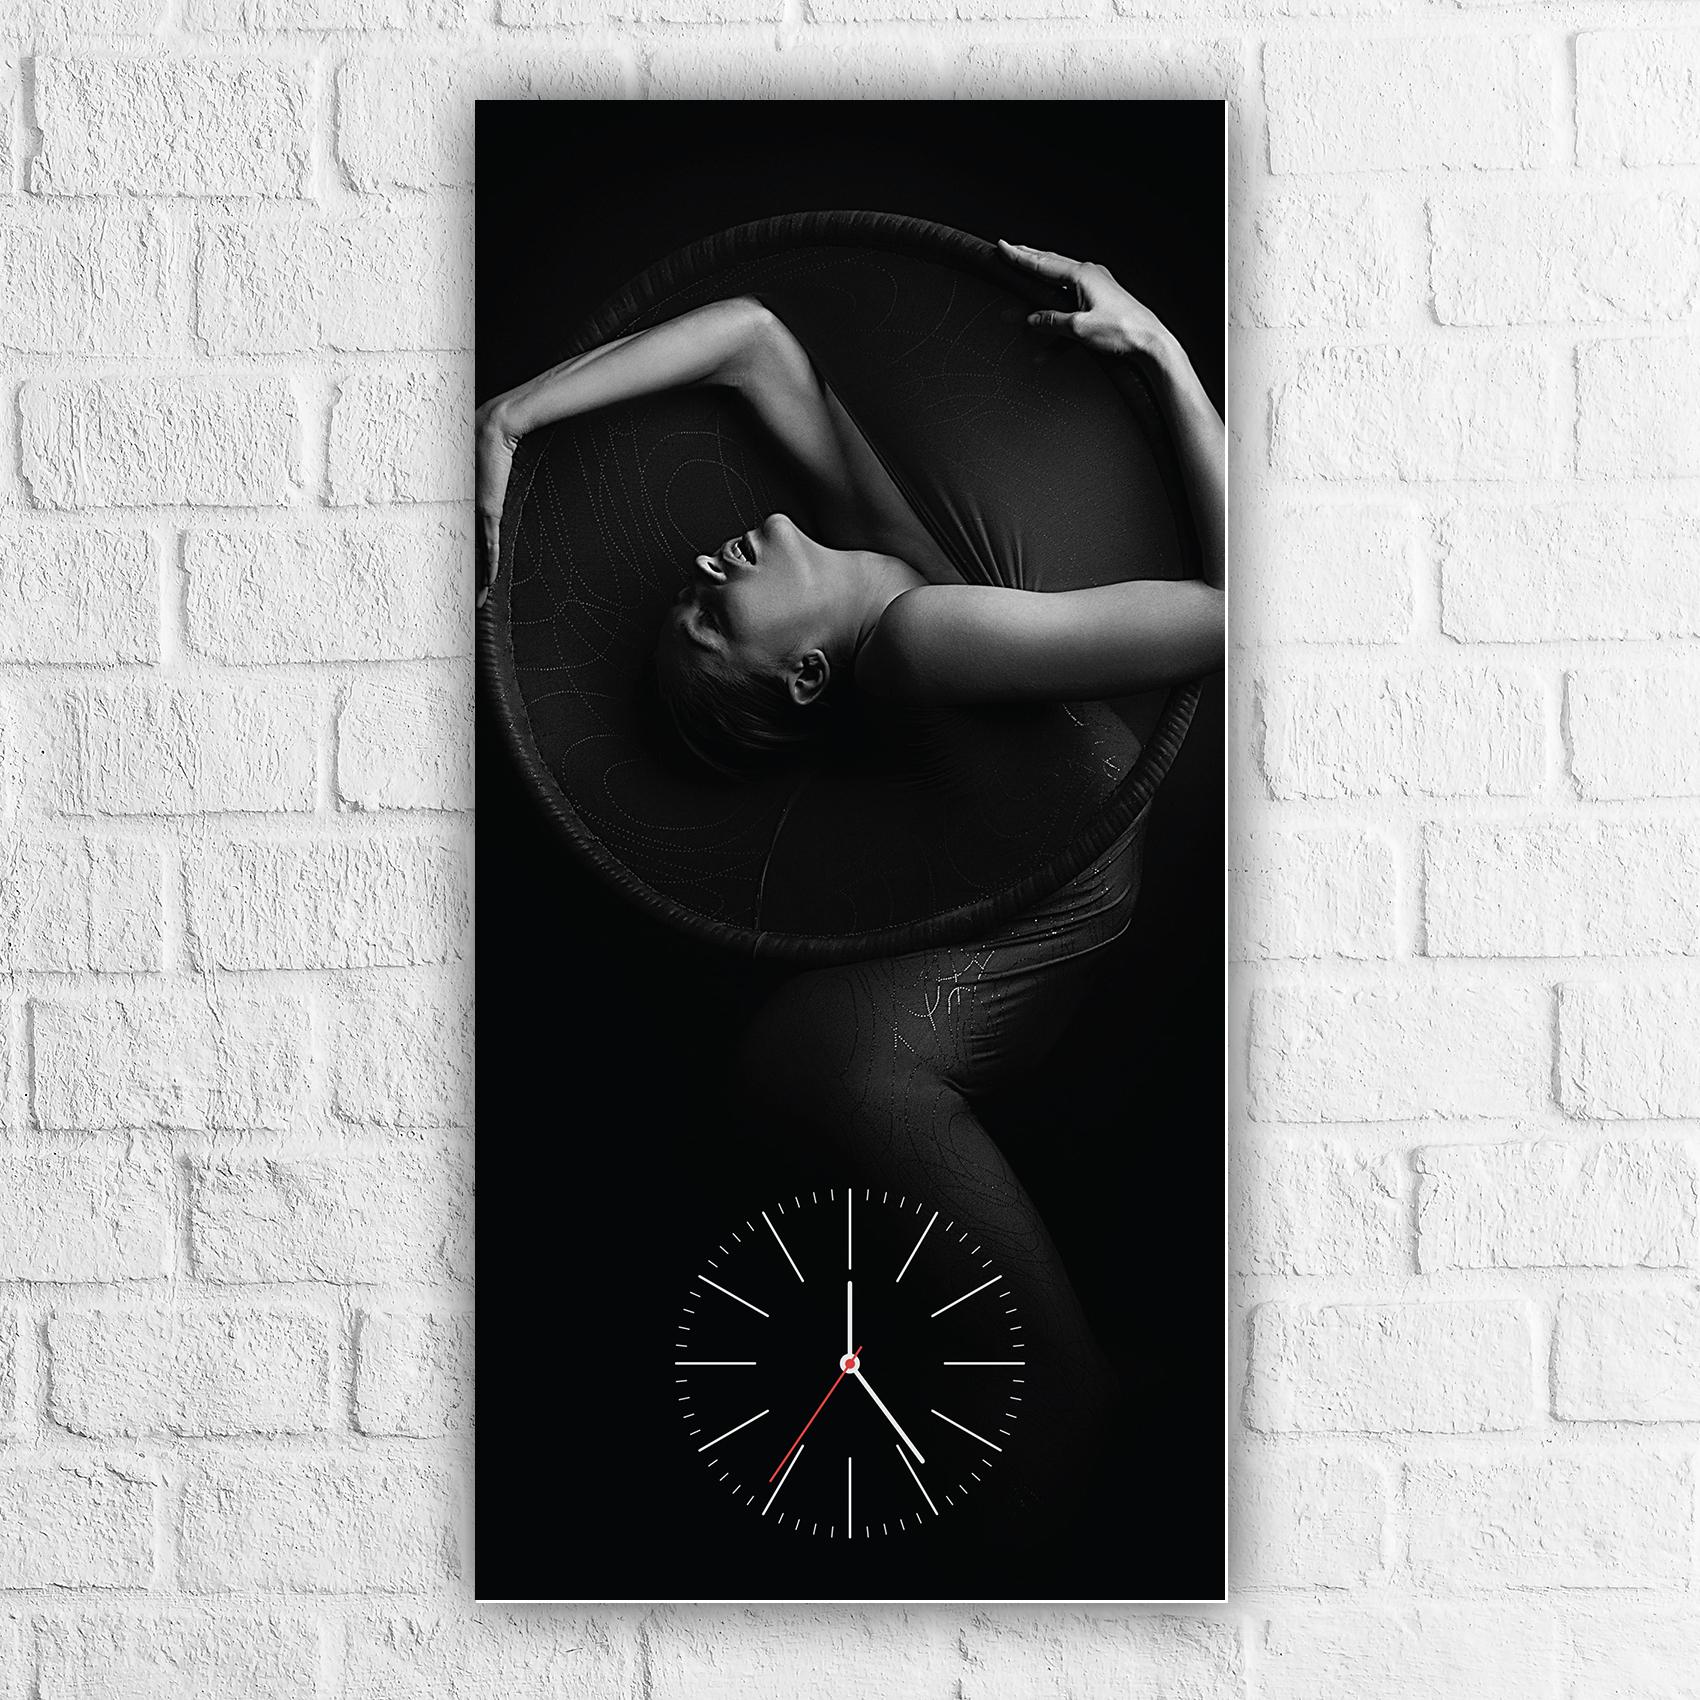 ساعة حائط بلوحة مزخرفة